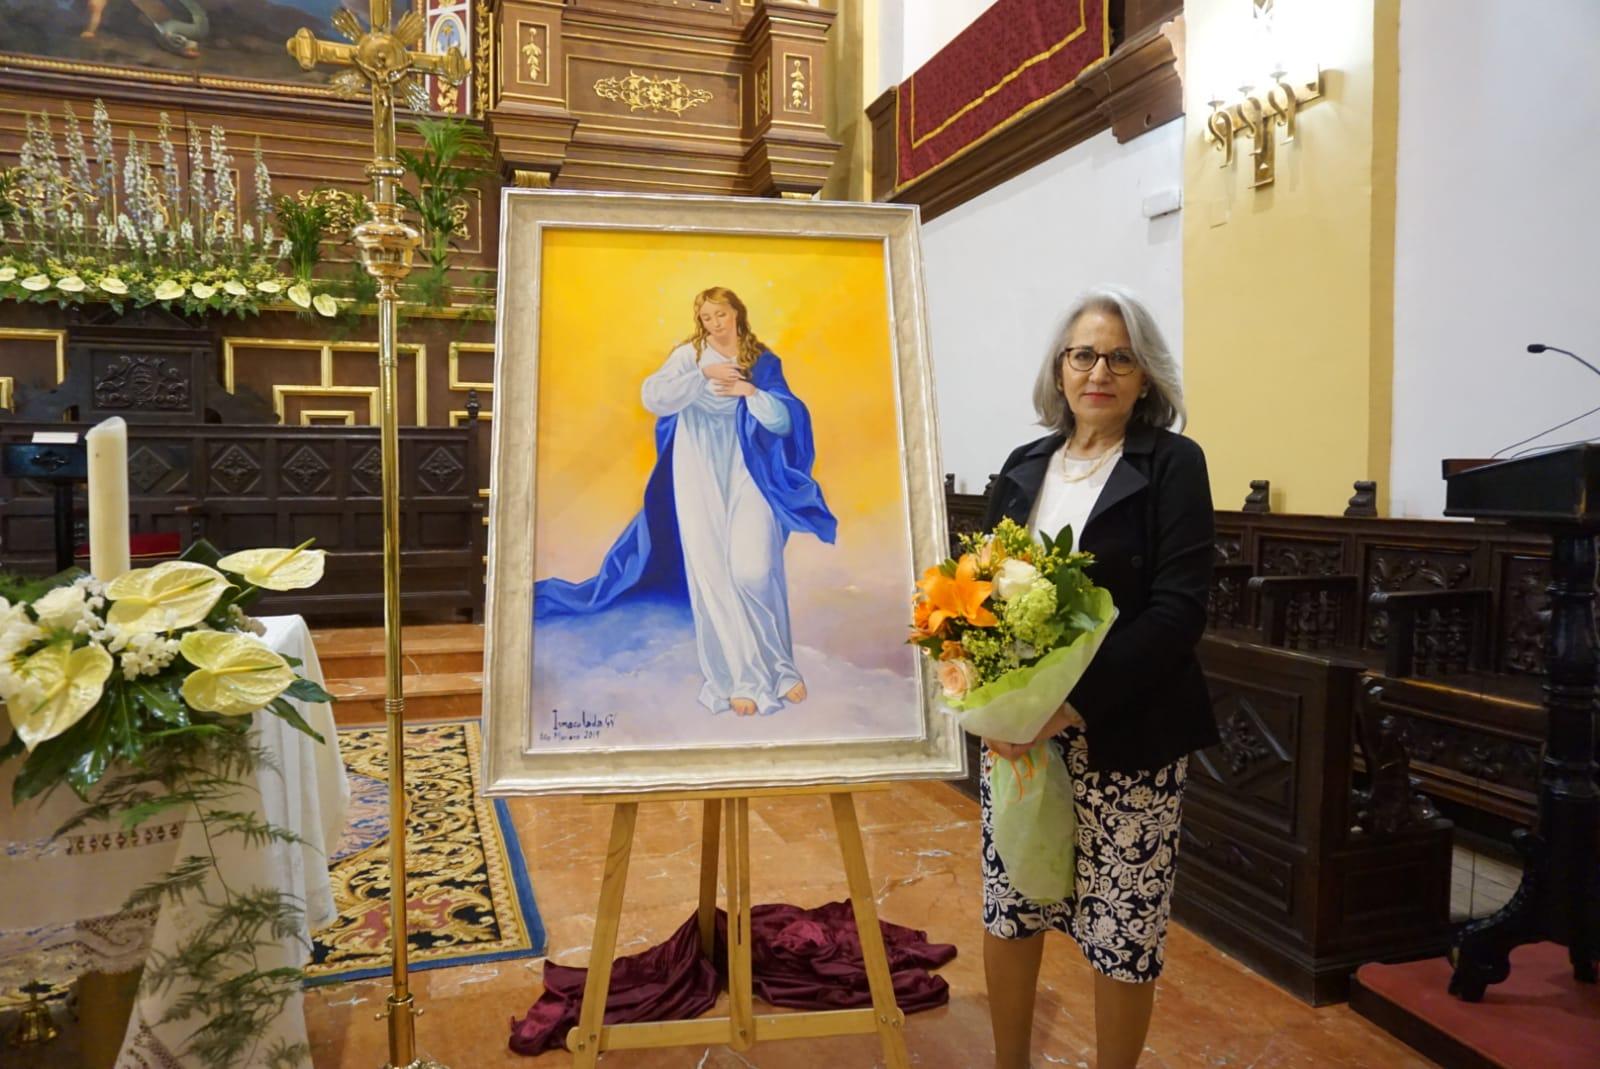 La pintora Inmaculada García dona un cuadro de temática inmaculista a la parroquia 7